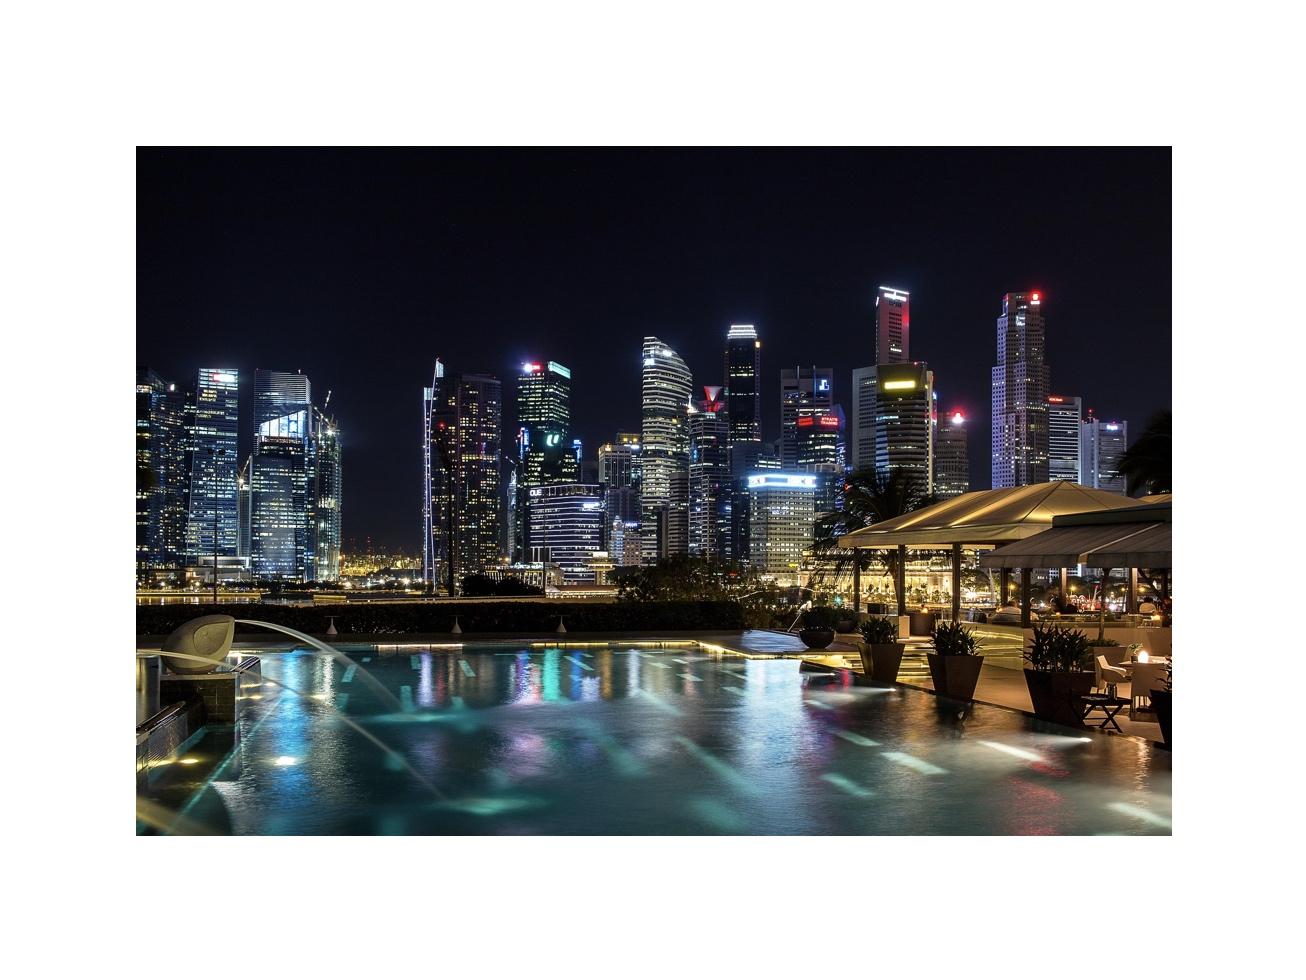 クレディセゾン | シンガポールにCVCを設立、アジア・アフリカ・南米で投融資事業を開始